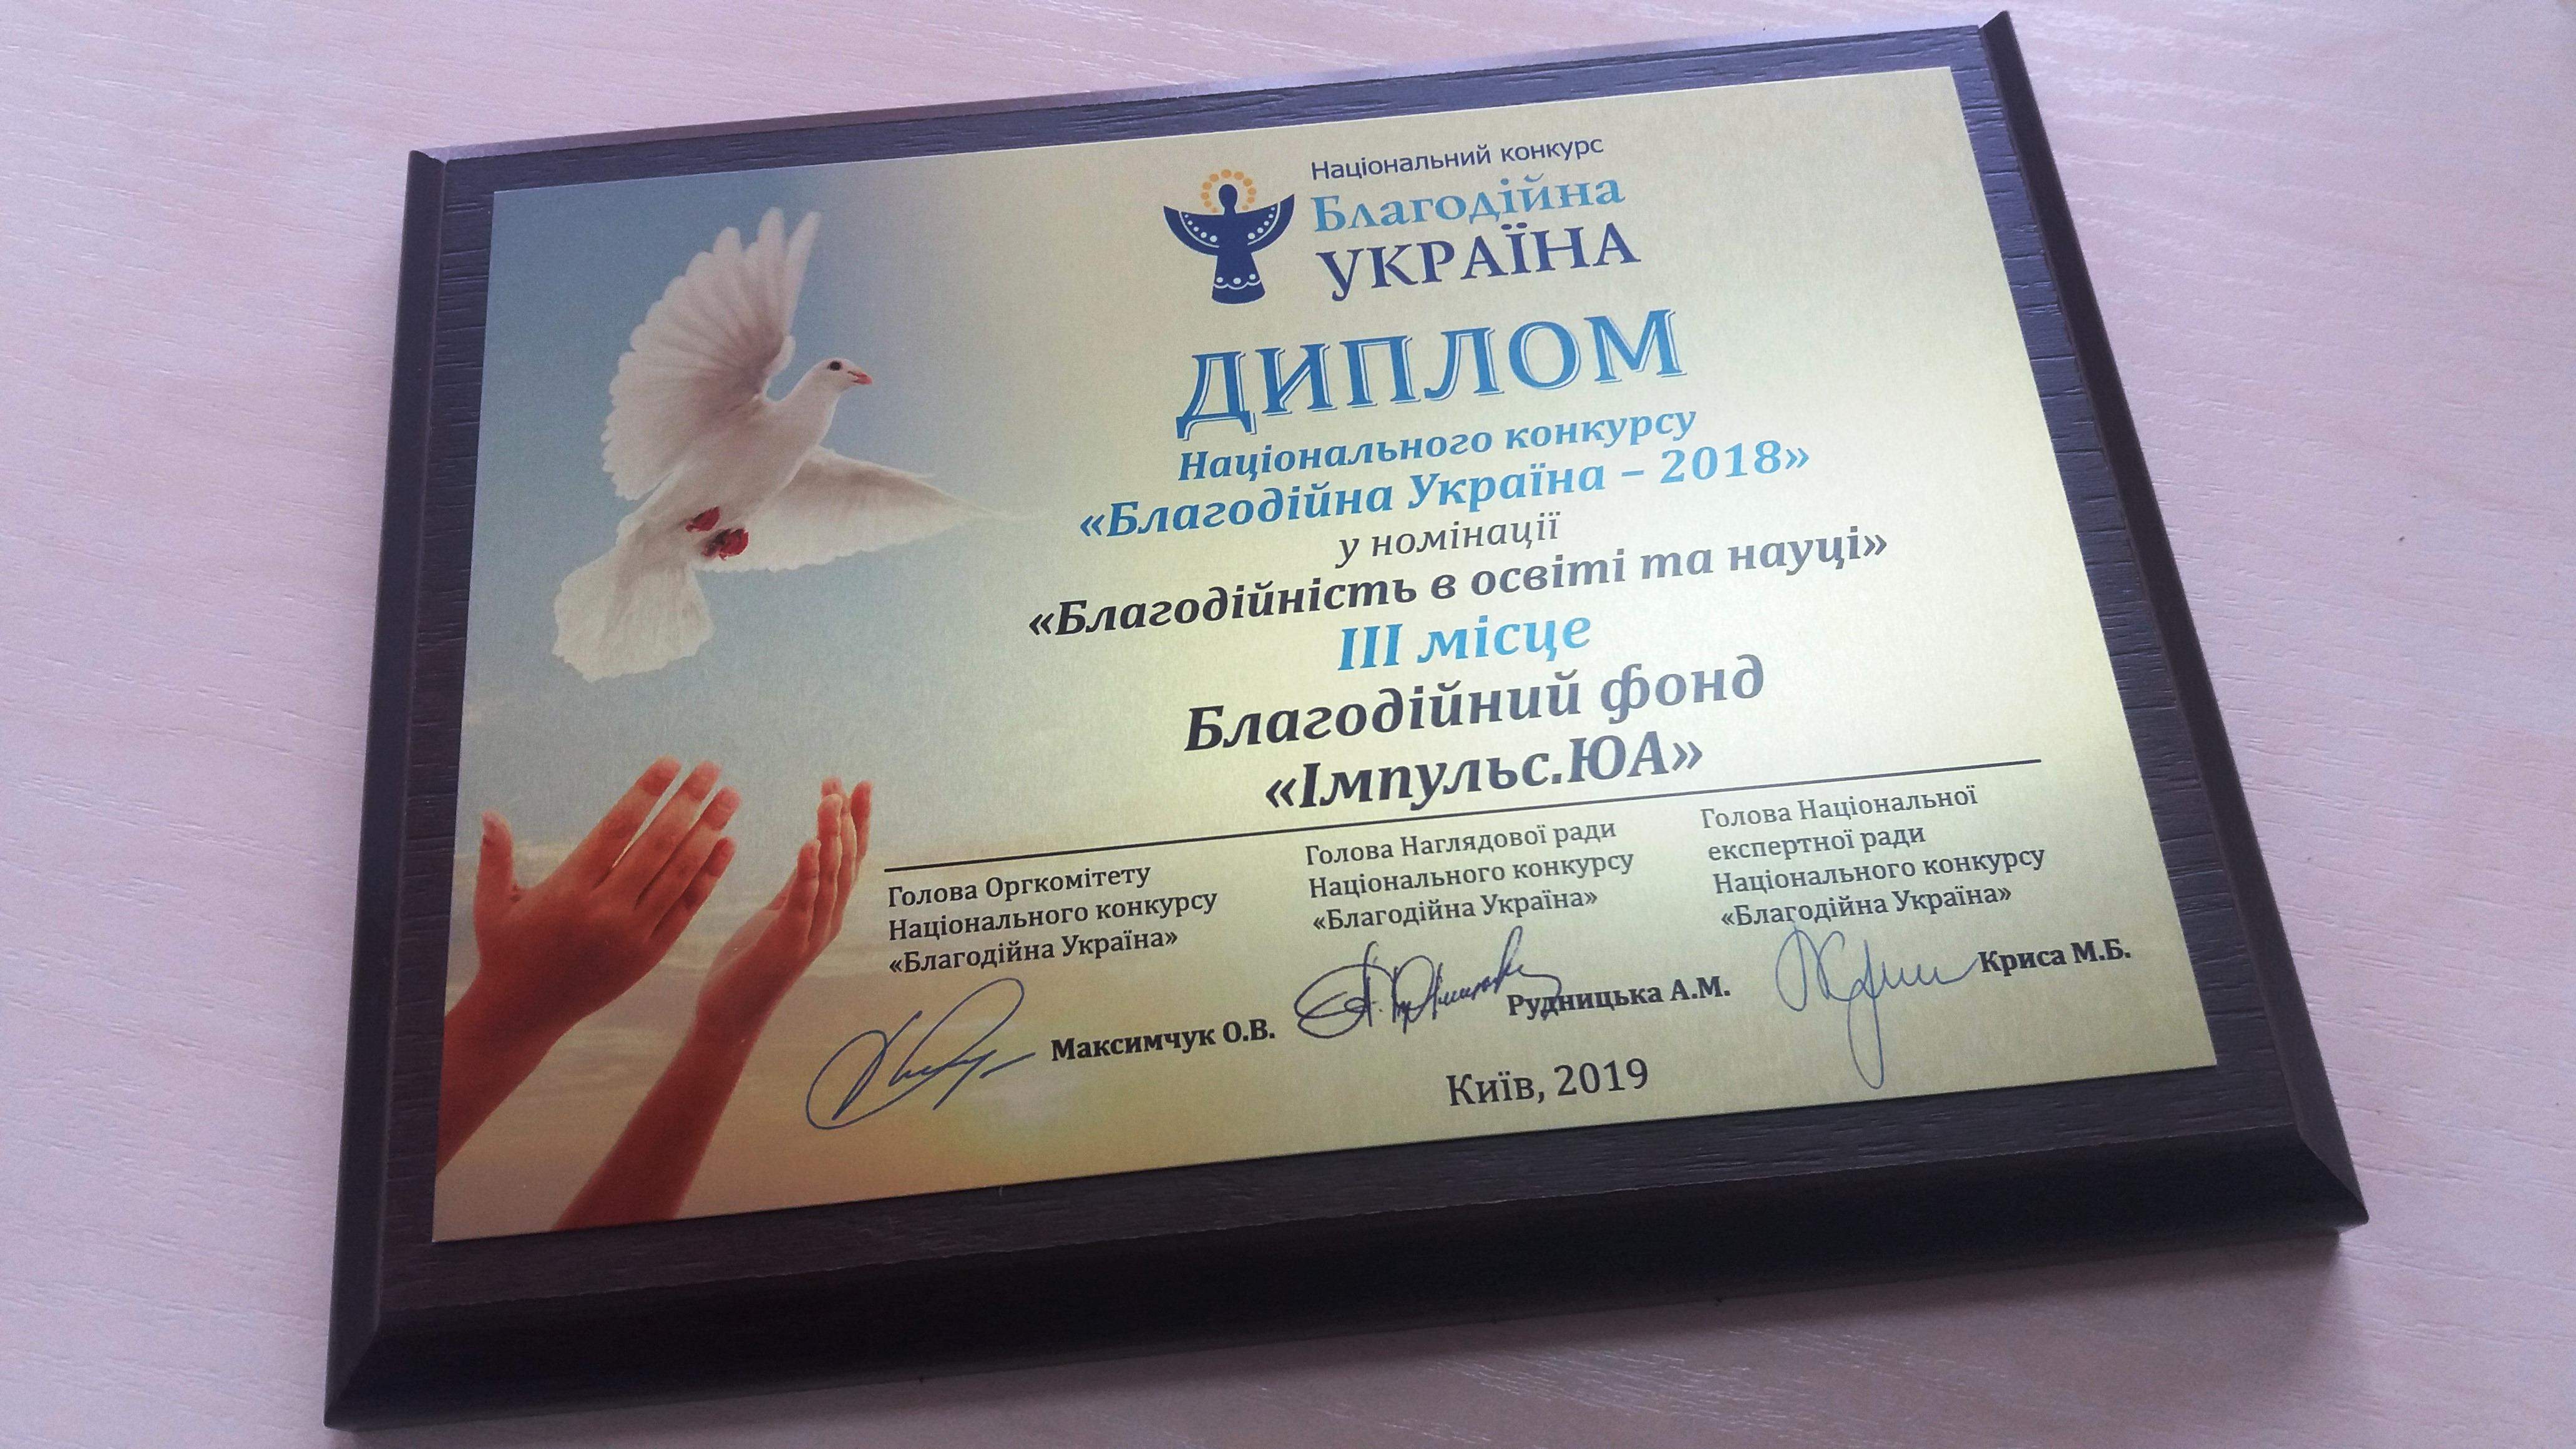 Фонд «Імпульс.ЮА» увійшов до трійки найкращих організацій України